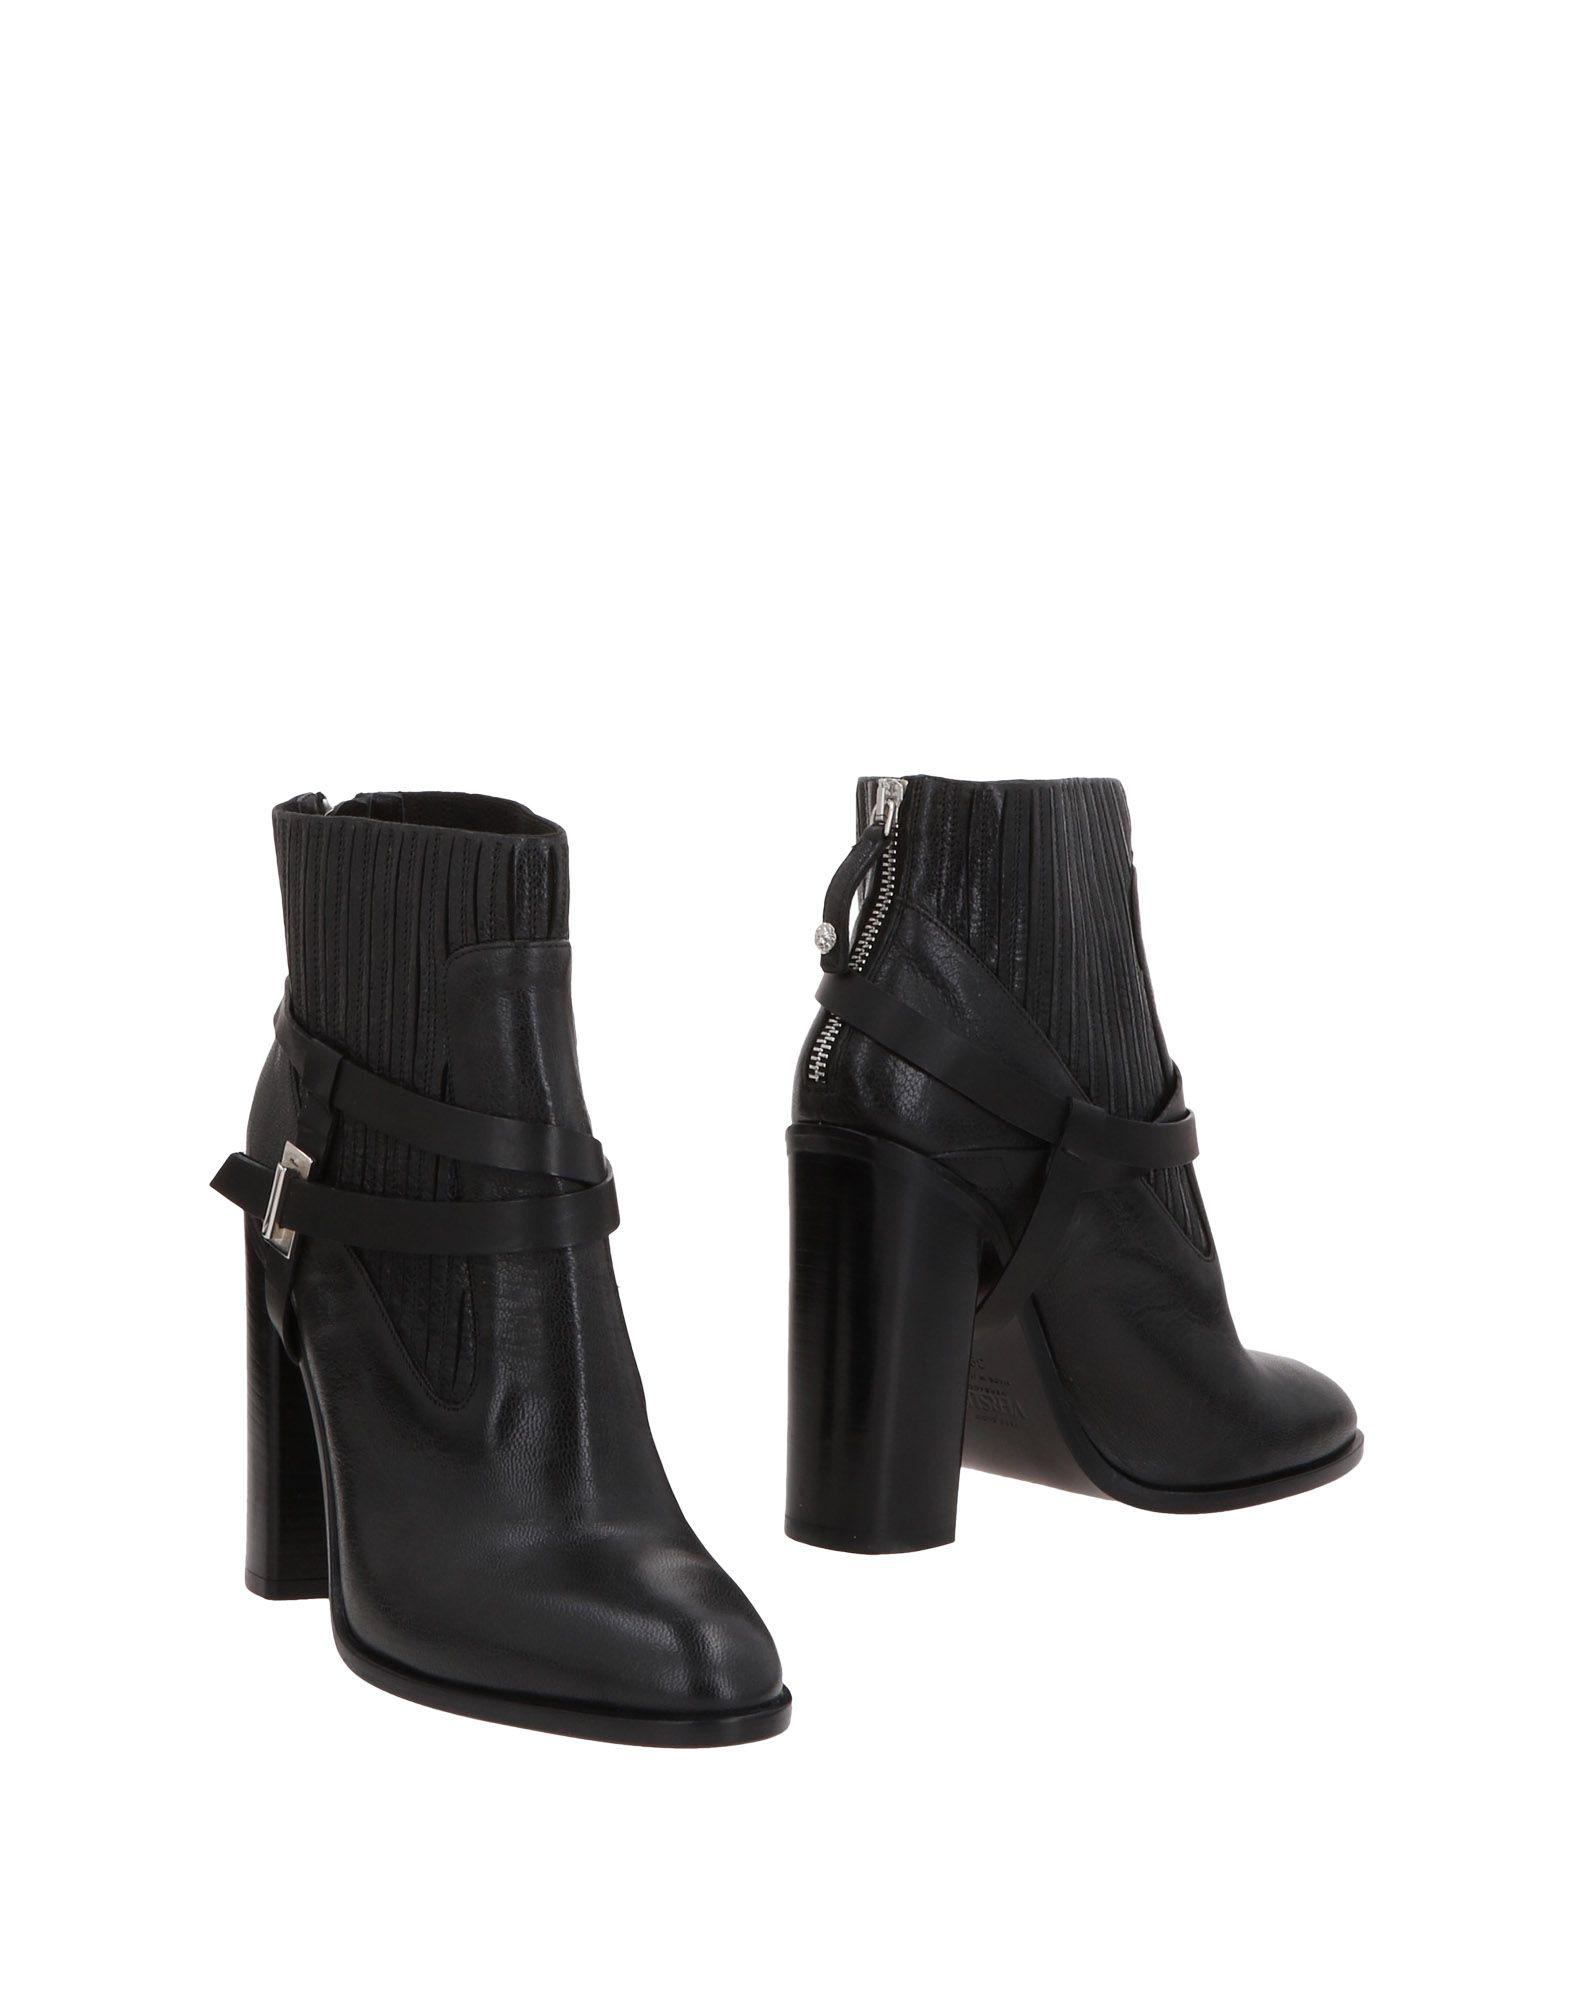 Versus Versace Ankle Boot - Women Versus on Versace Ankle Boots online on Versus  Australia - 11474288UR c622bd